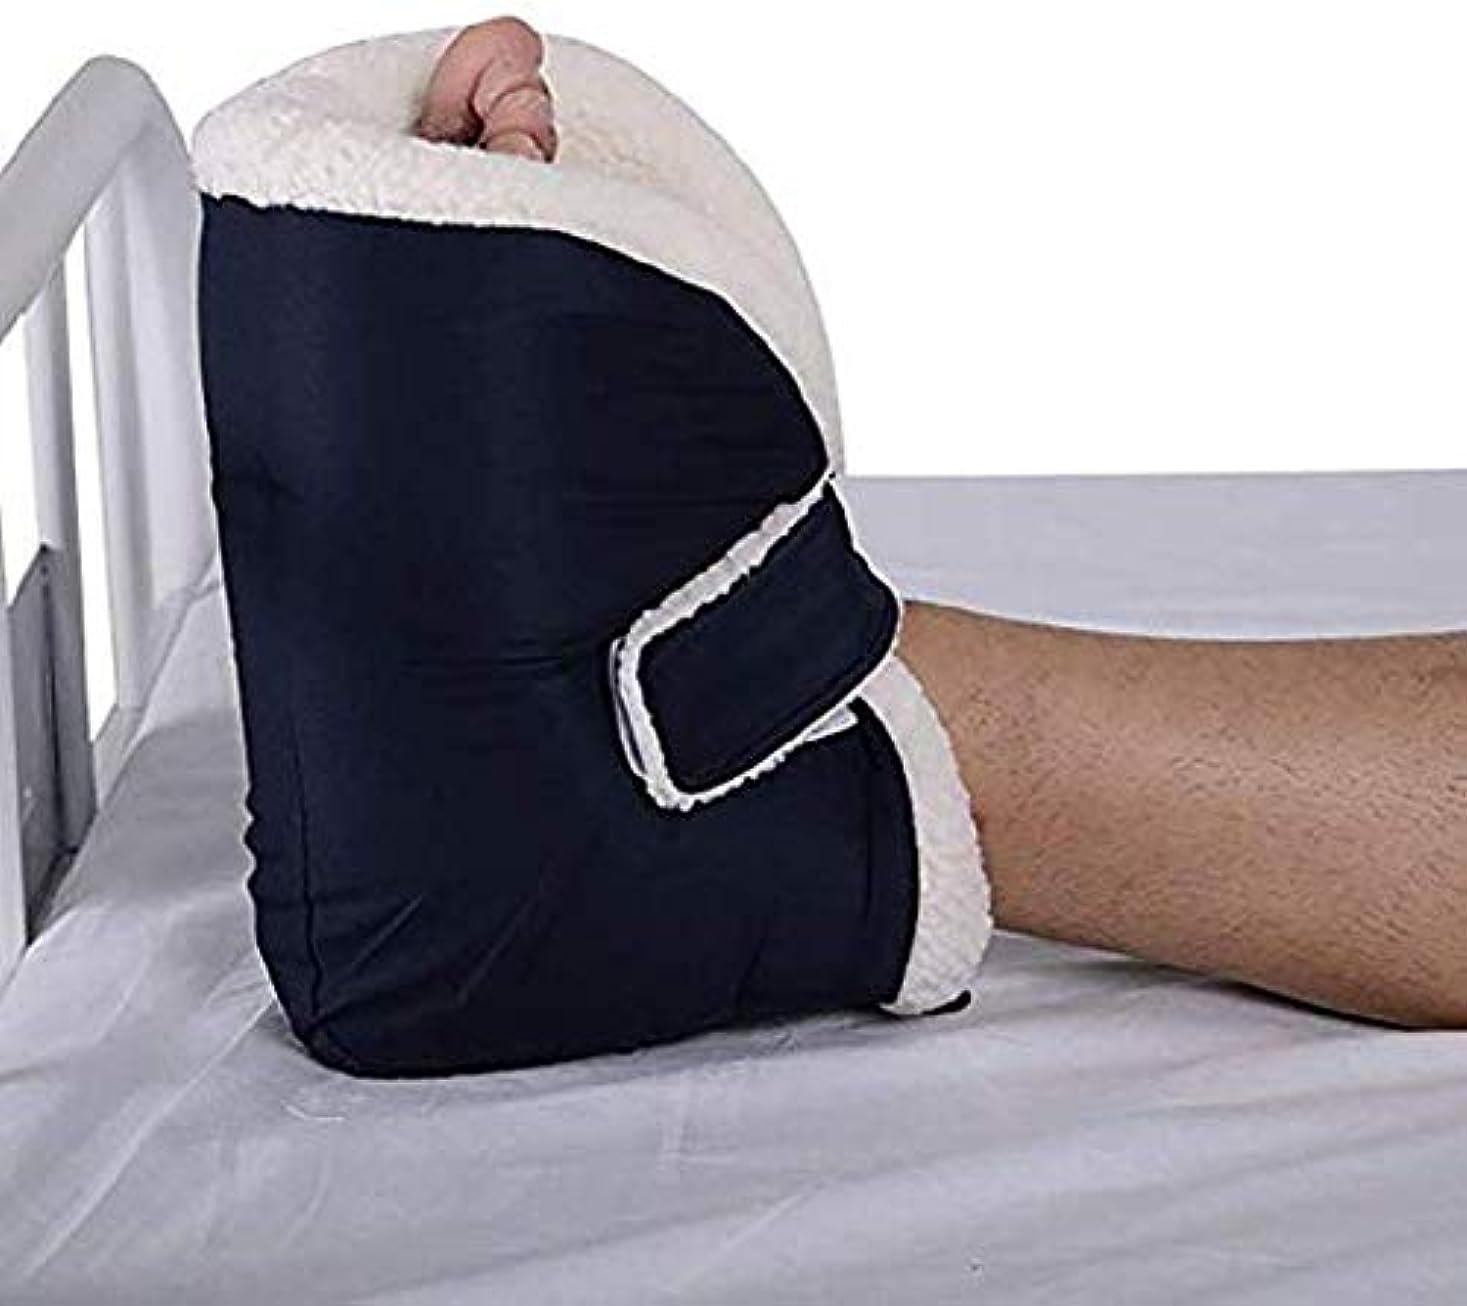 悪質な診療所アナリストヒールクッションプロテクター、かかとの保護枕足首関節の快適な綿毛顆粒ケアパッド-褥瘡をしますと潰瘍の軽減